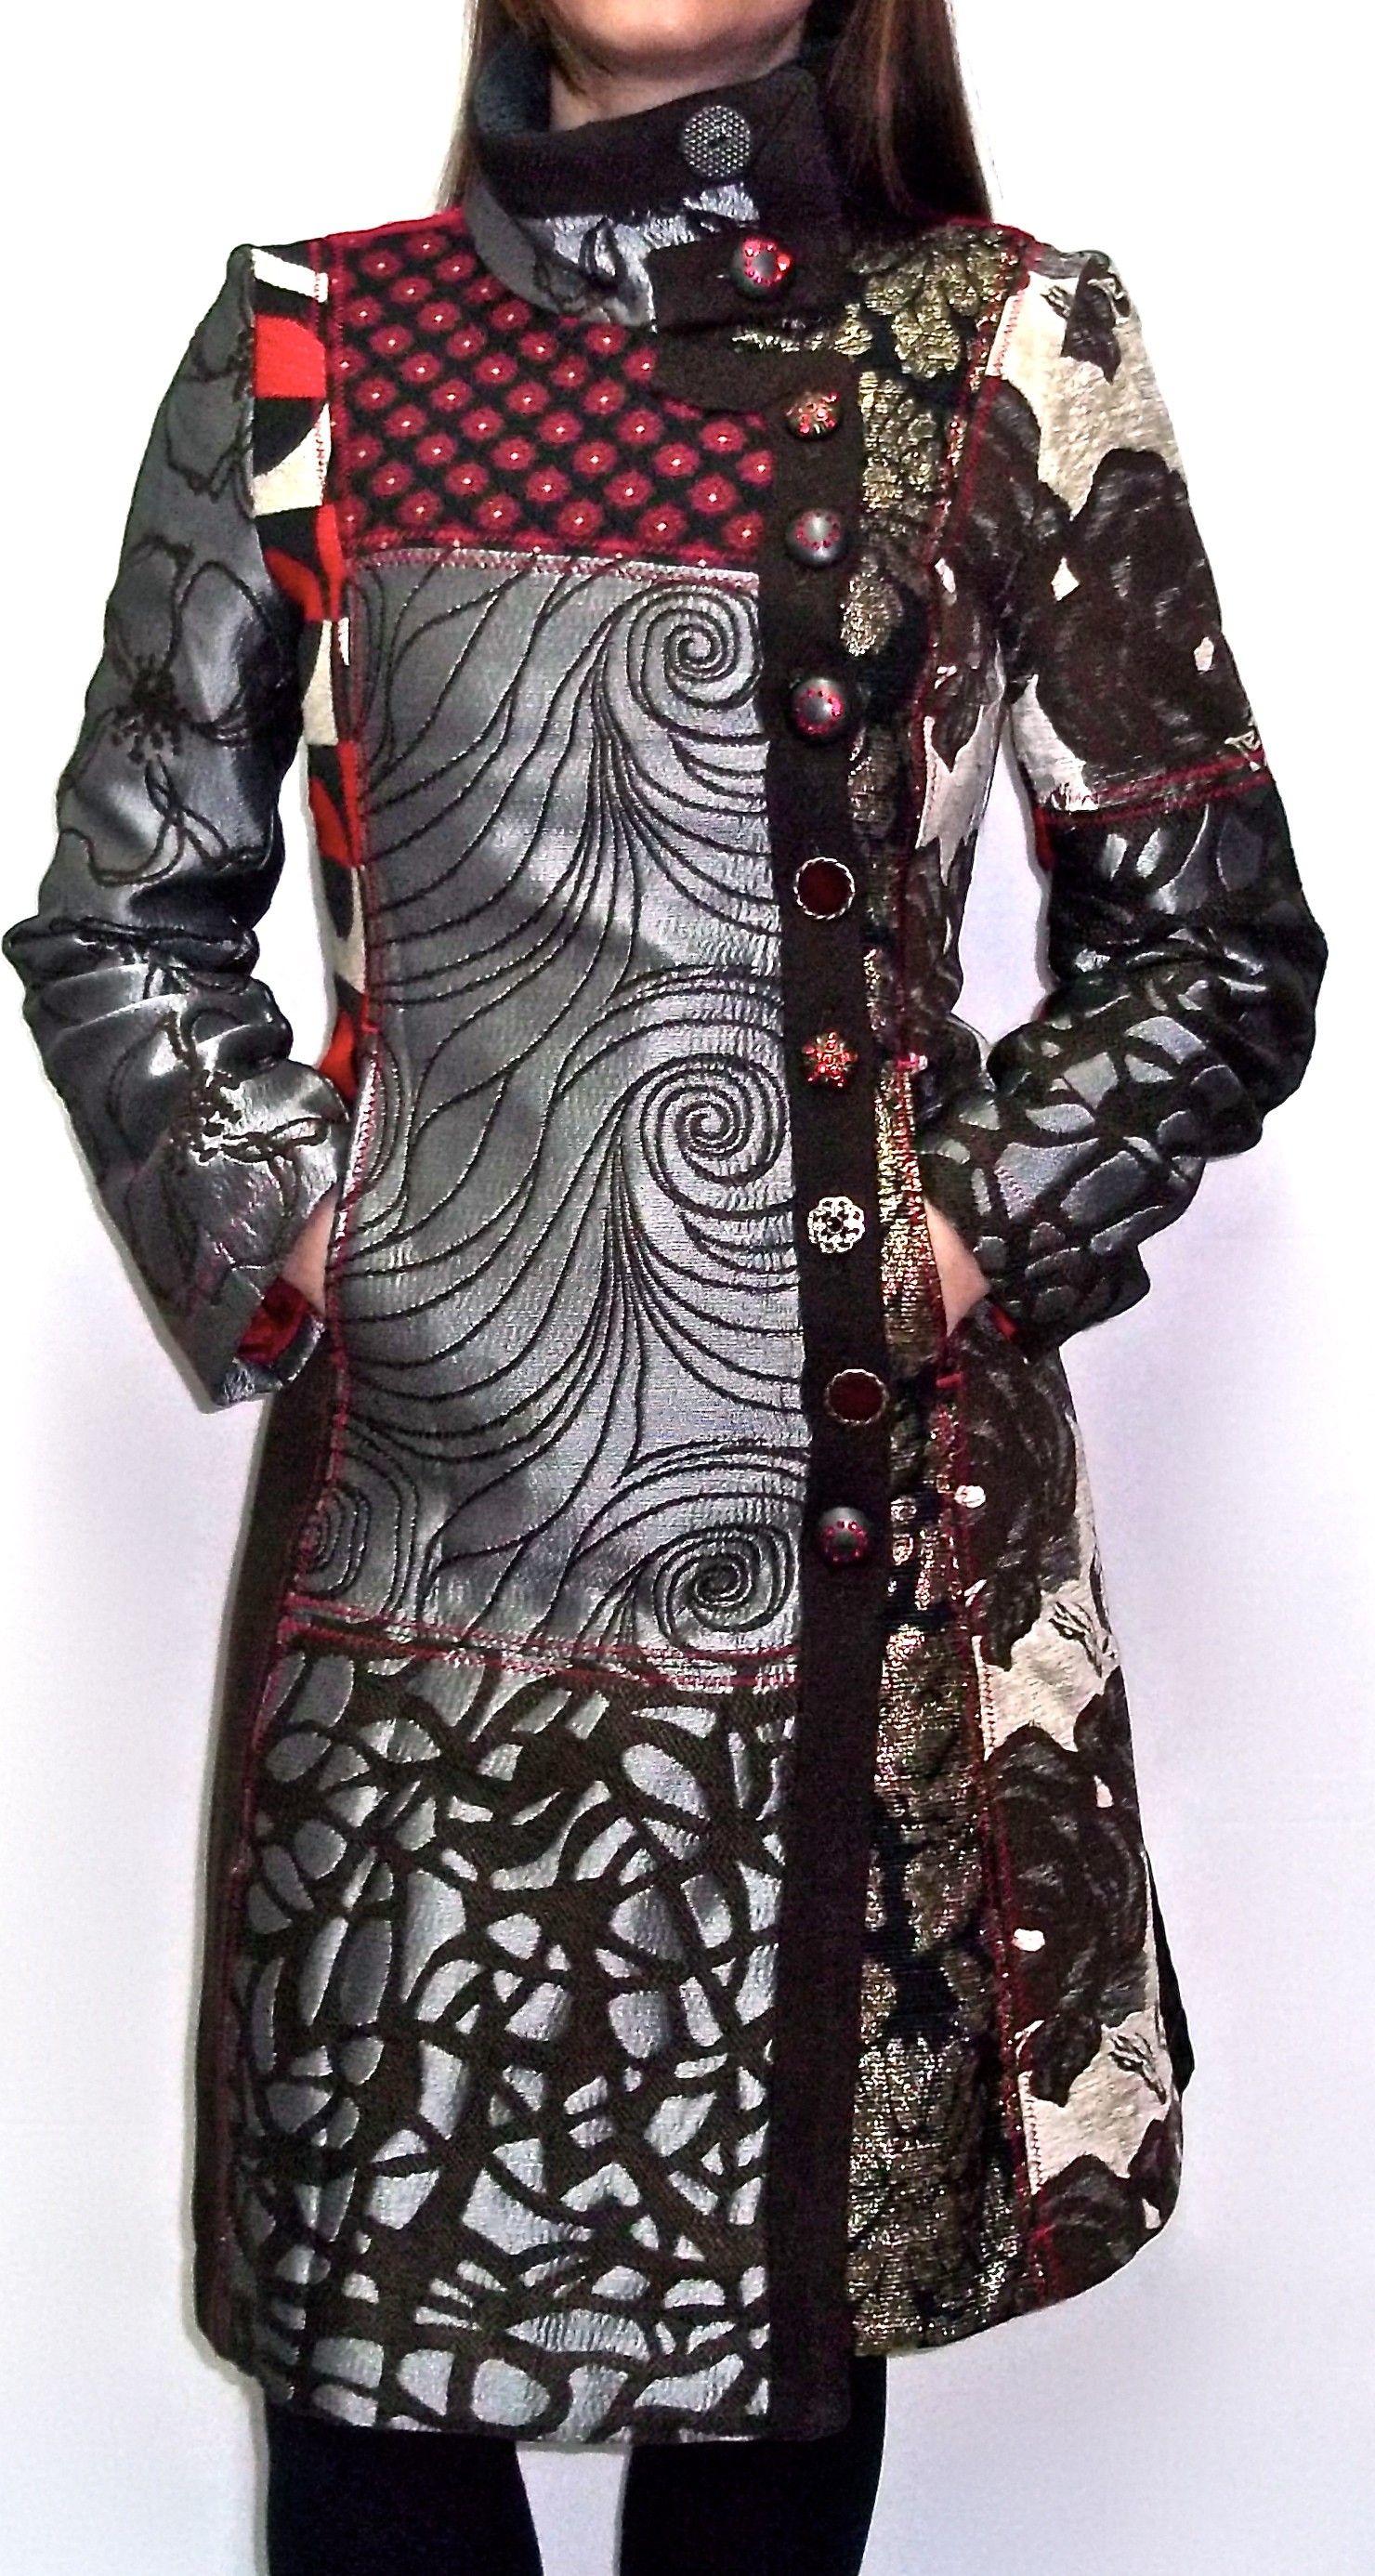 Chaquetas y abrigos de mujer negro de la tienda Desigual